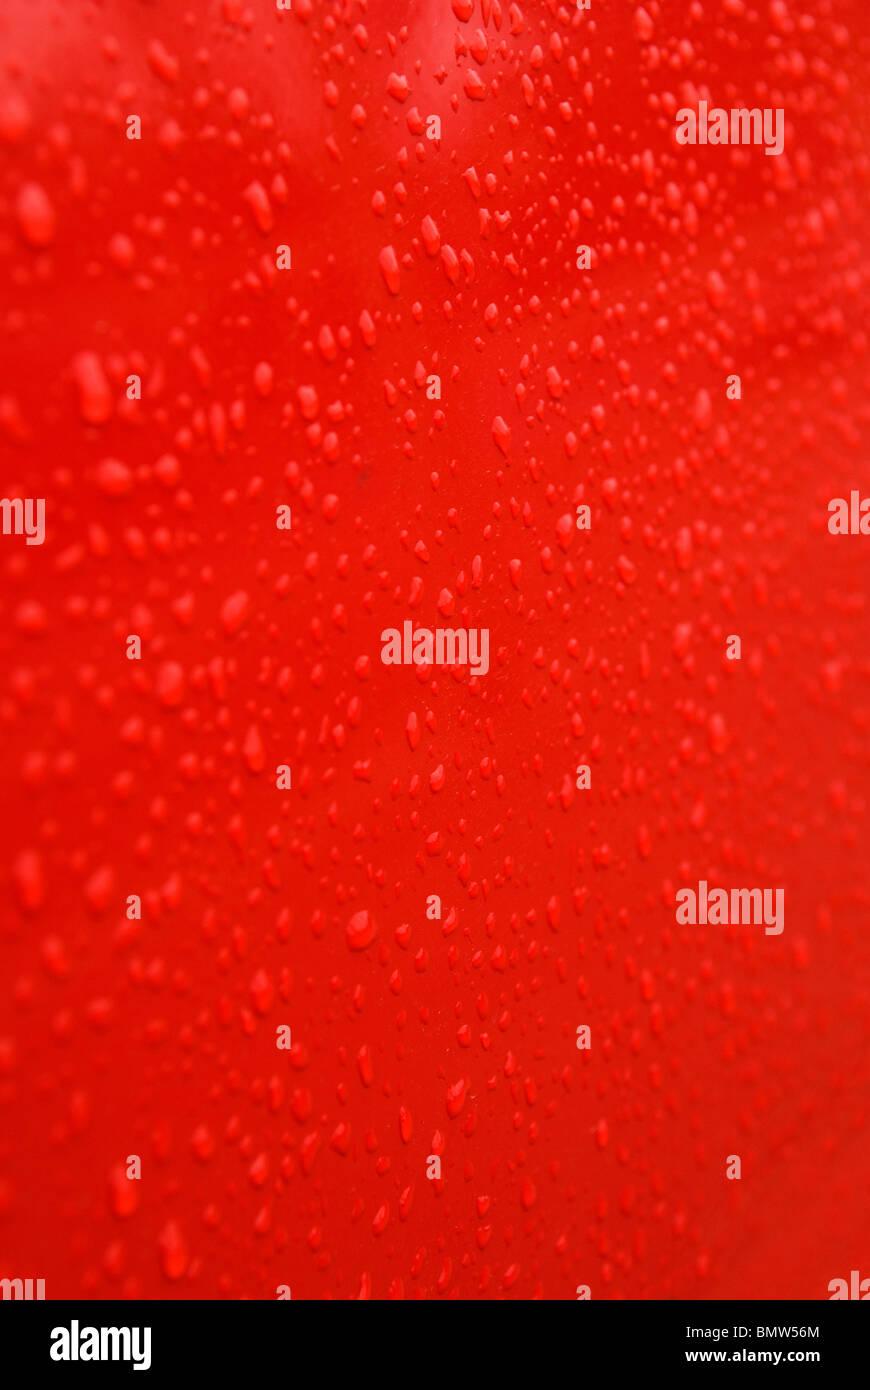 Resumen Antecedentes La Textura de gotas de agua en la red Imagen De Stock